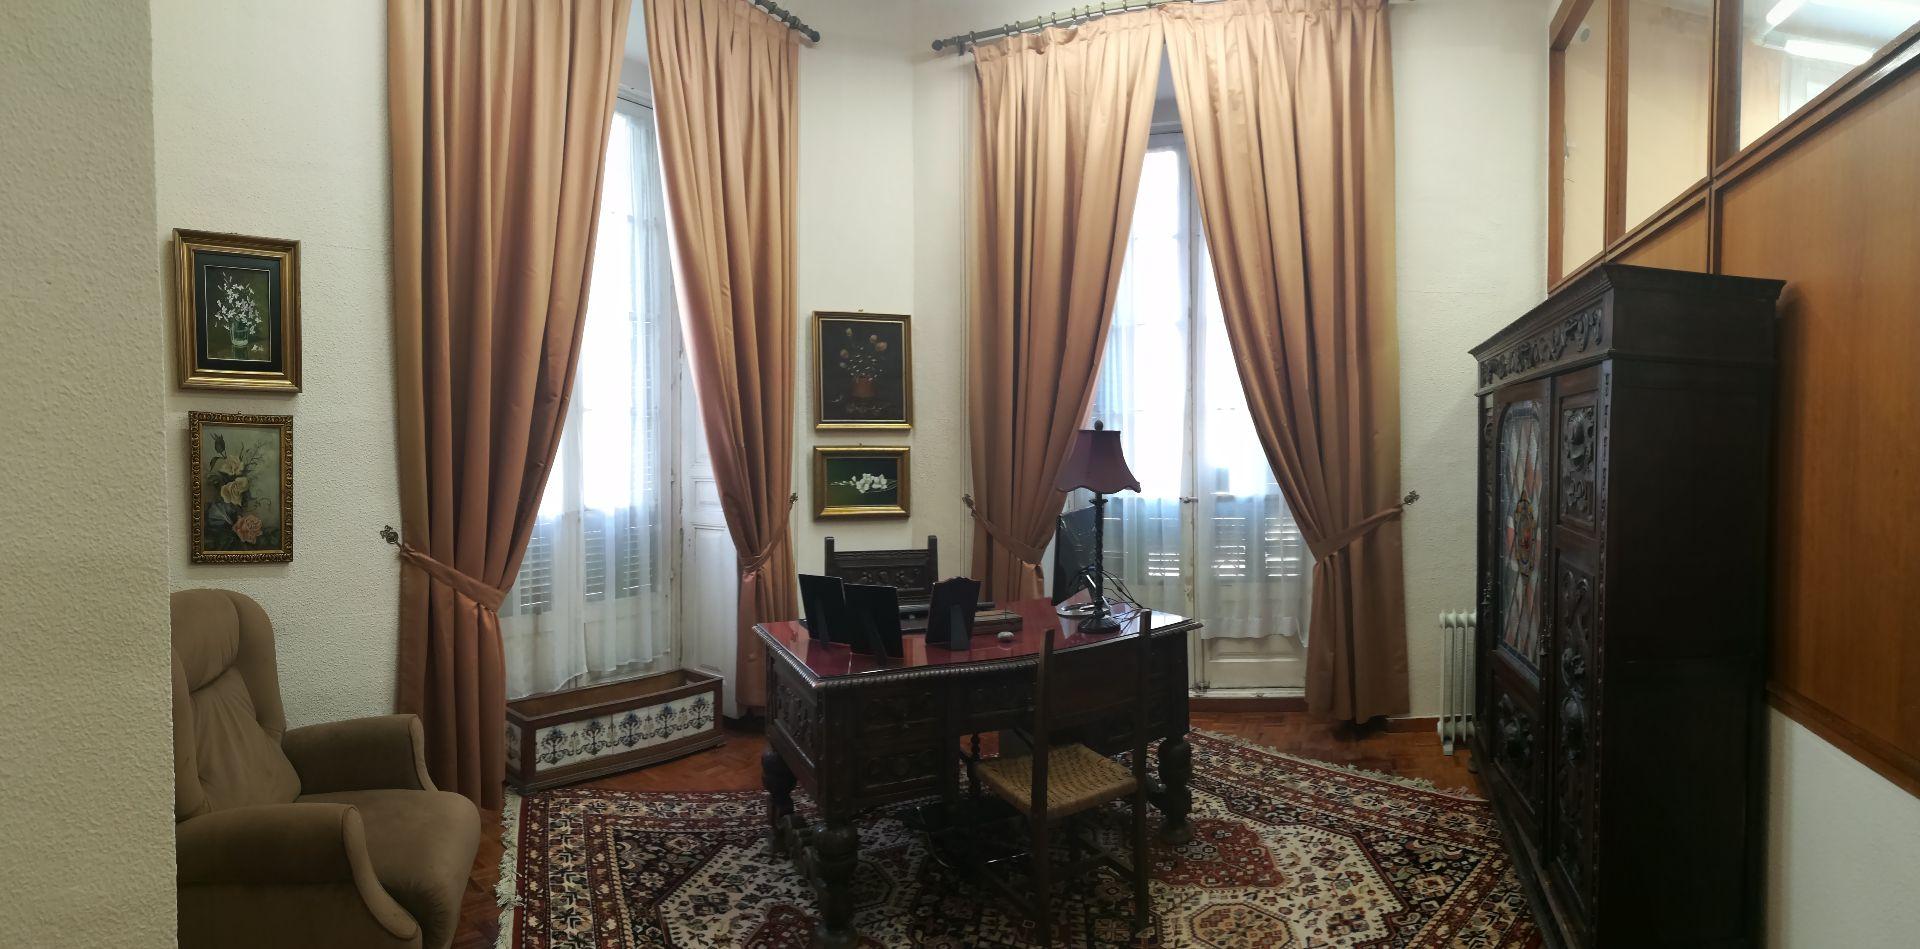 Oficina en Málaga, CENTRO HISTÓRICO, alquiler